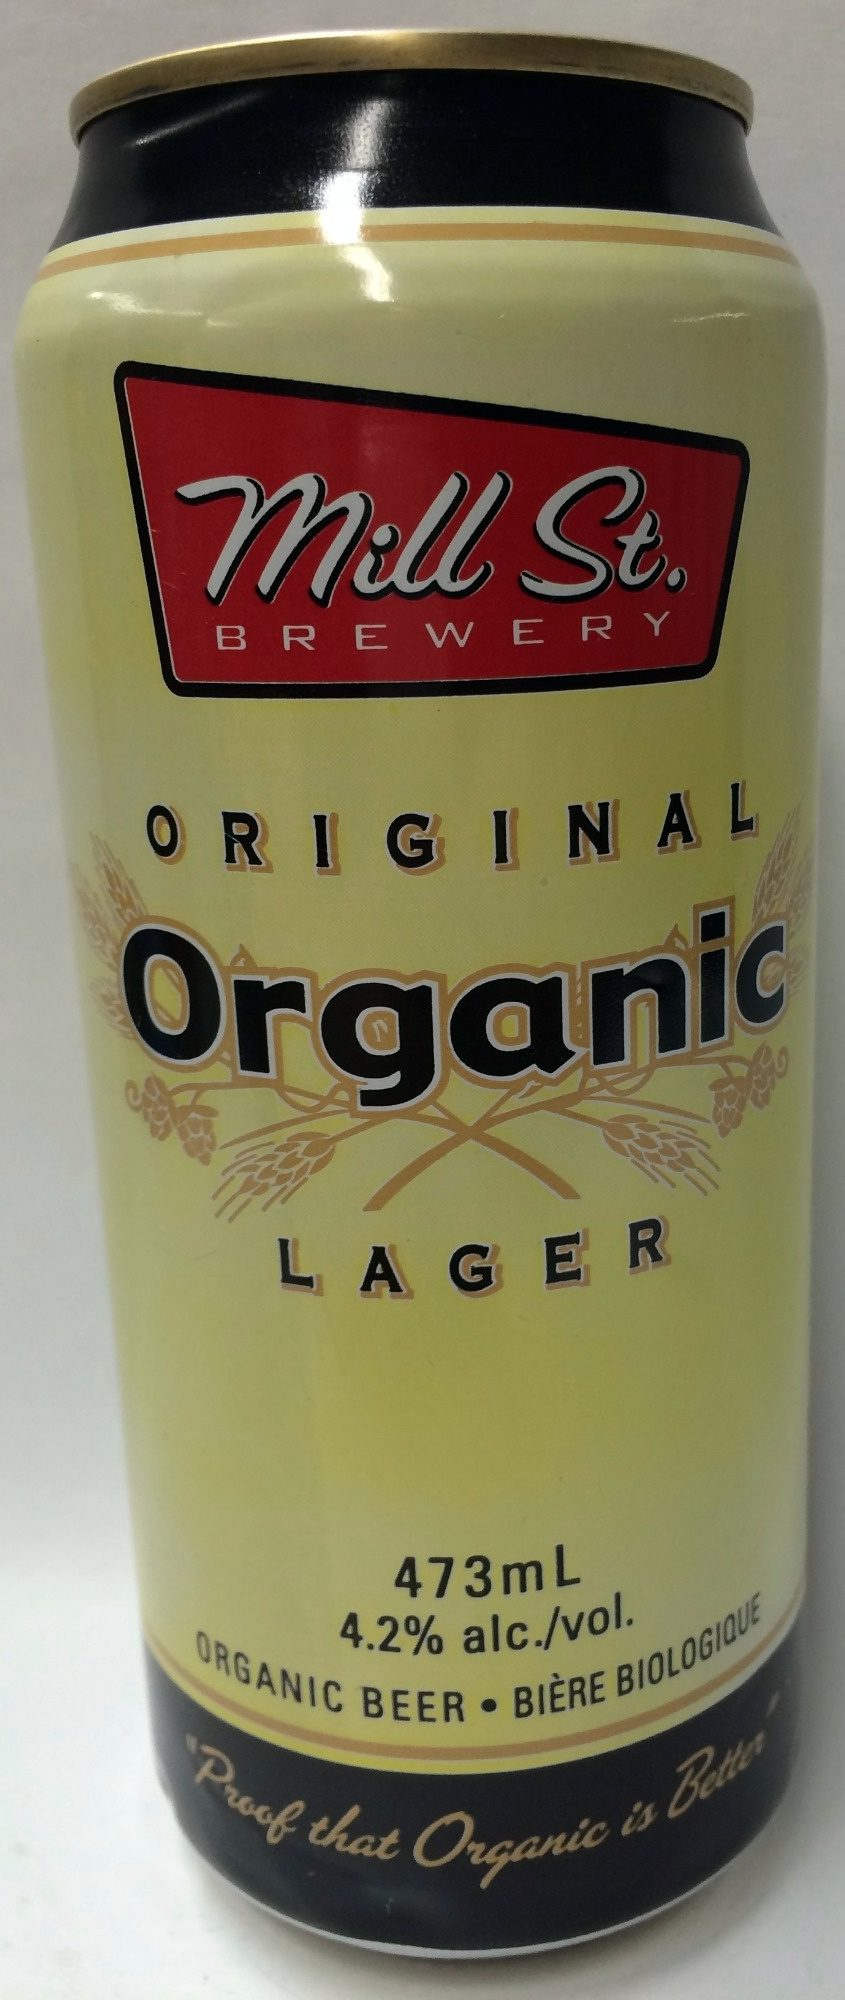 Original Organic Lager - Product - en